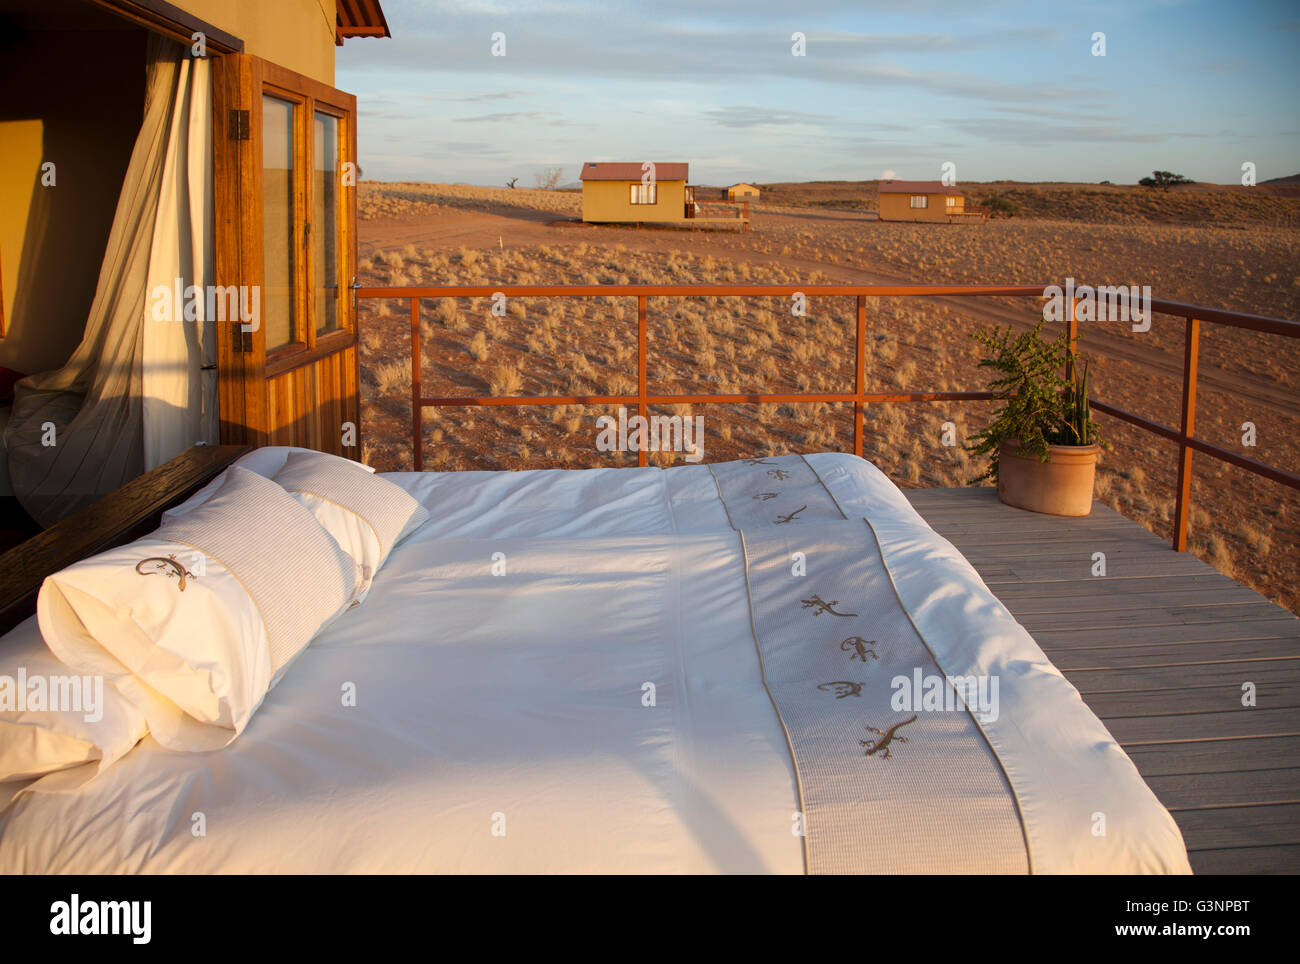 Namib Desert Star Dune Camp in Namibia - Stock Image